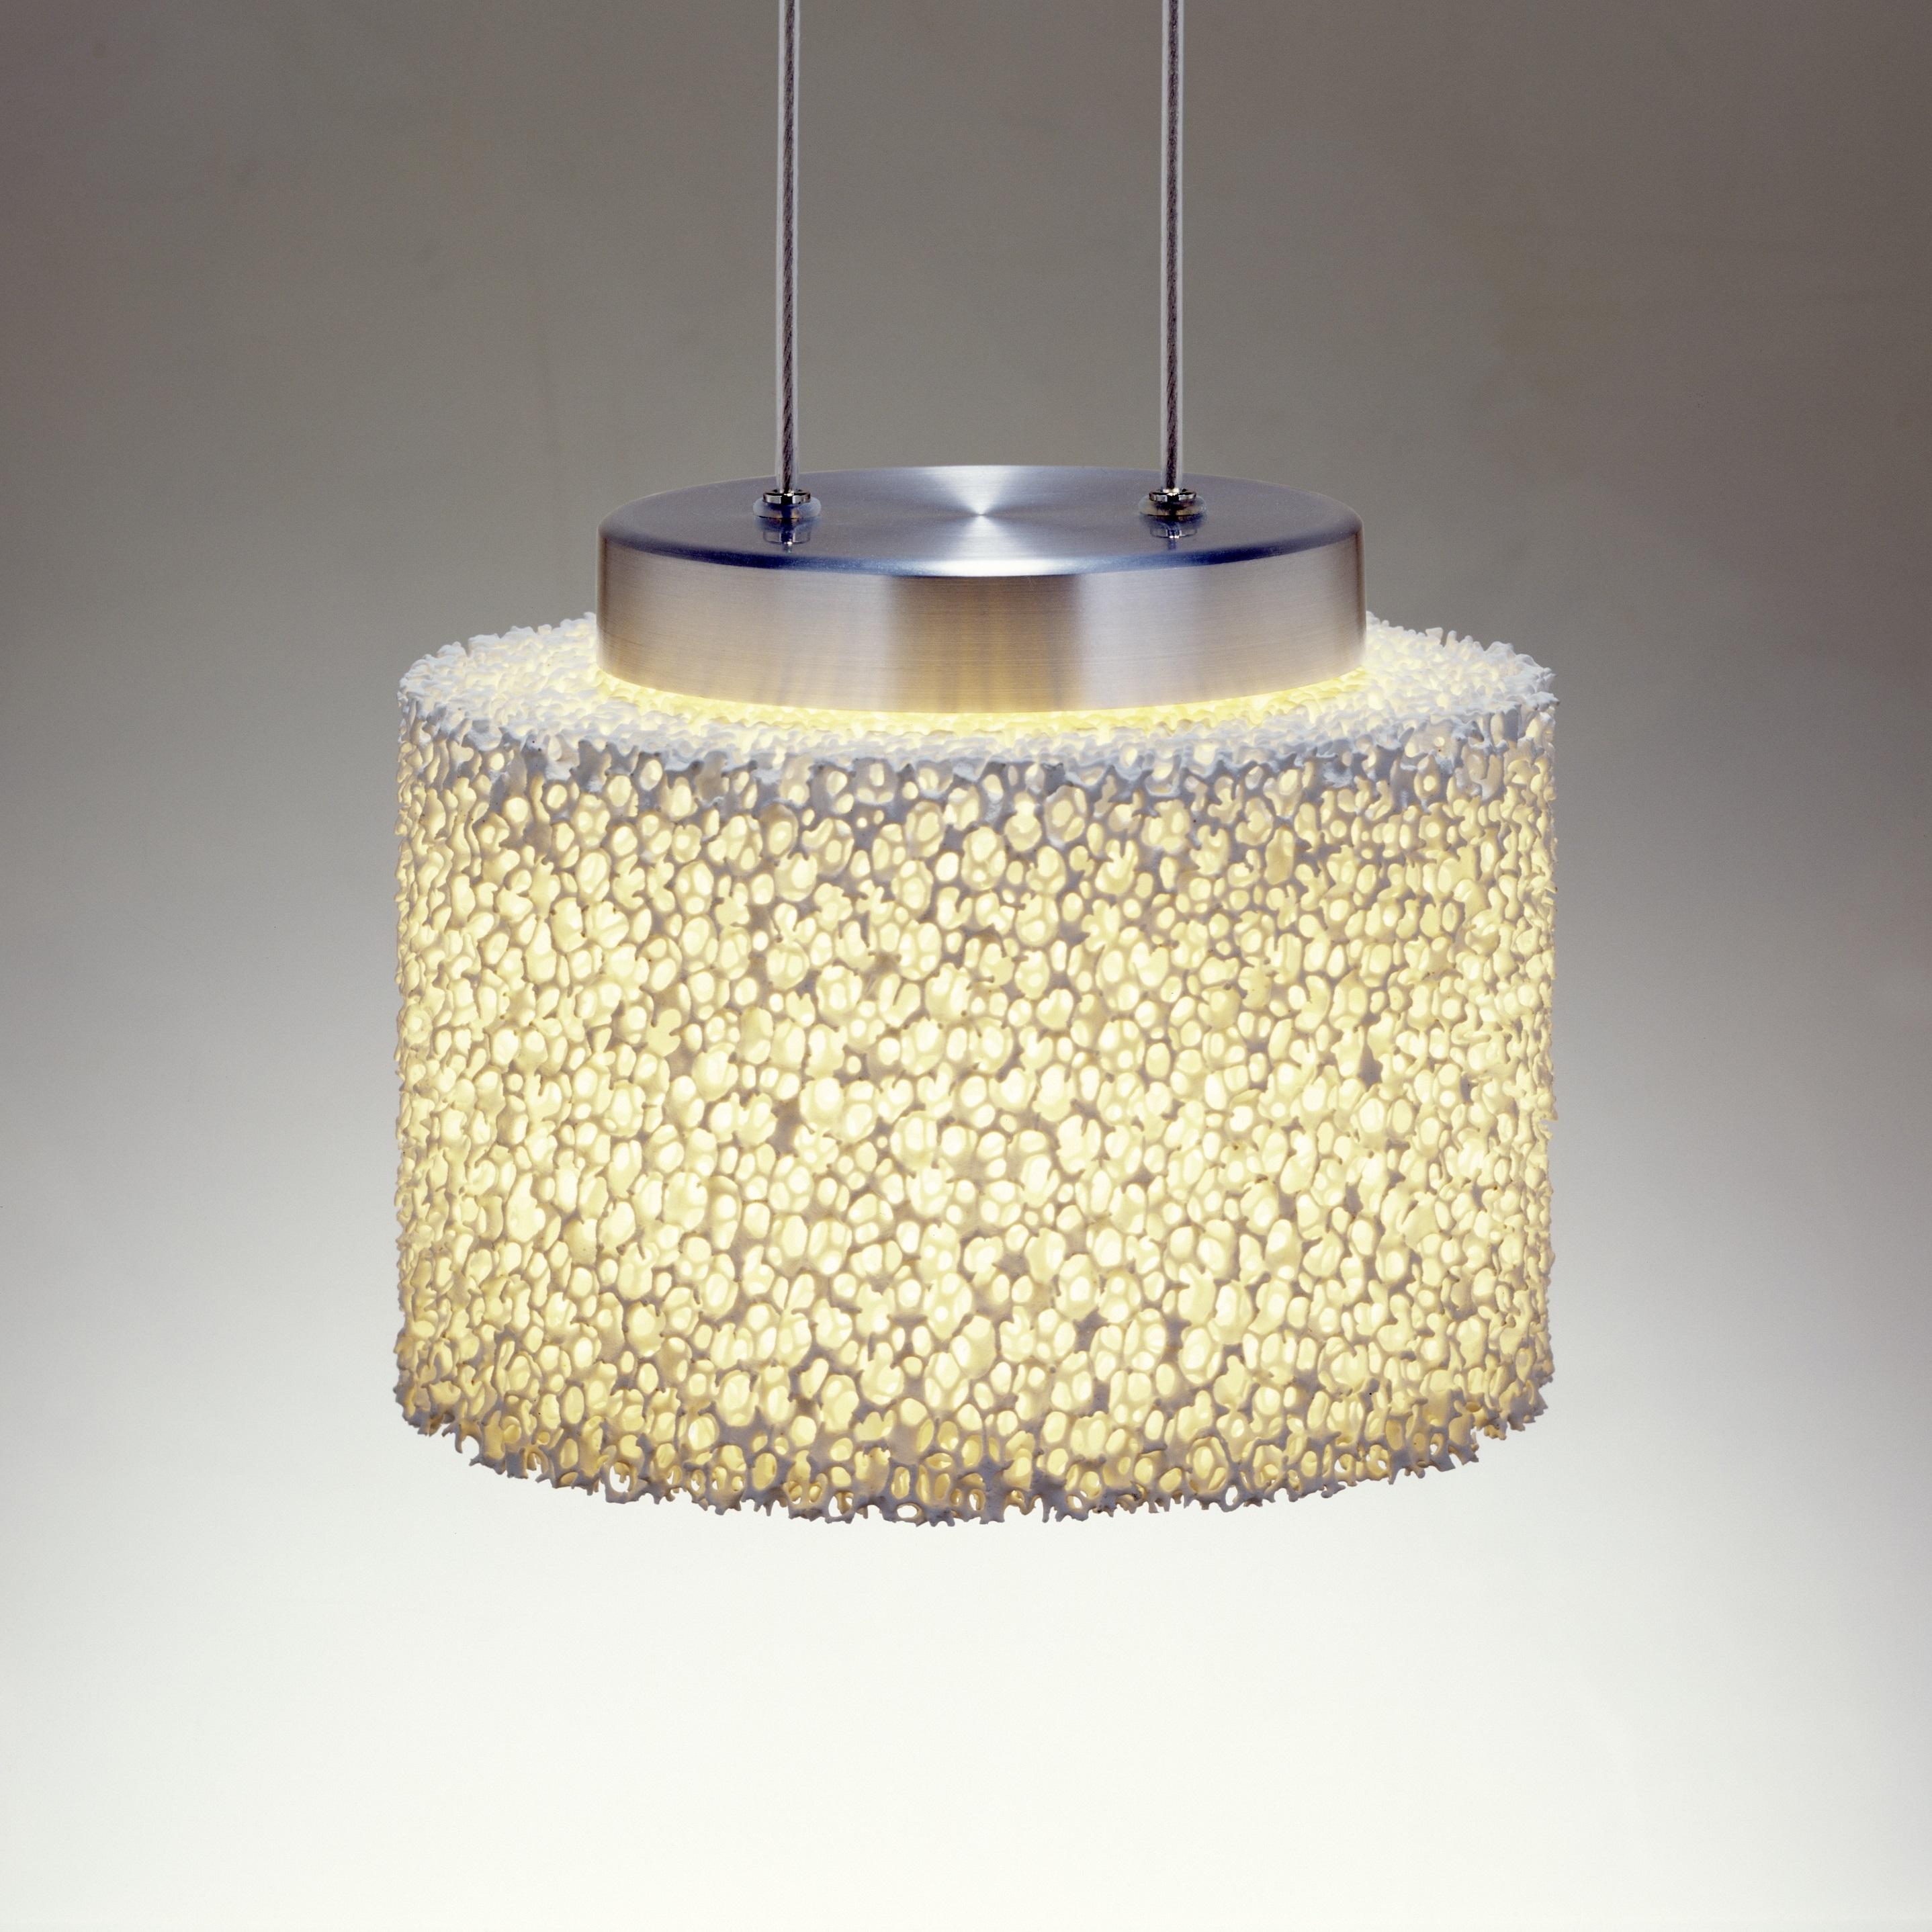 leuchten von serien lighting klassiker neuheiten. Black Bedroom Furniture Sets. Home Design Ideas